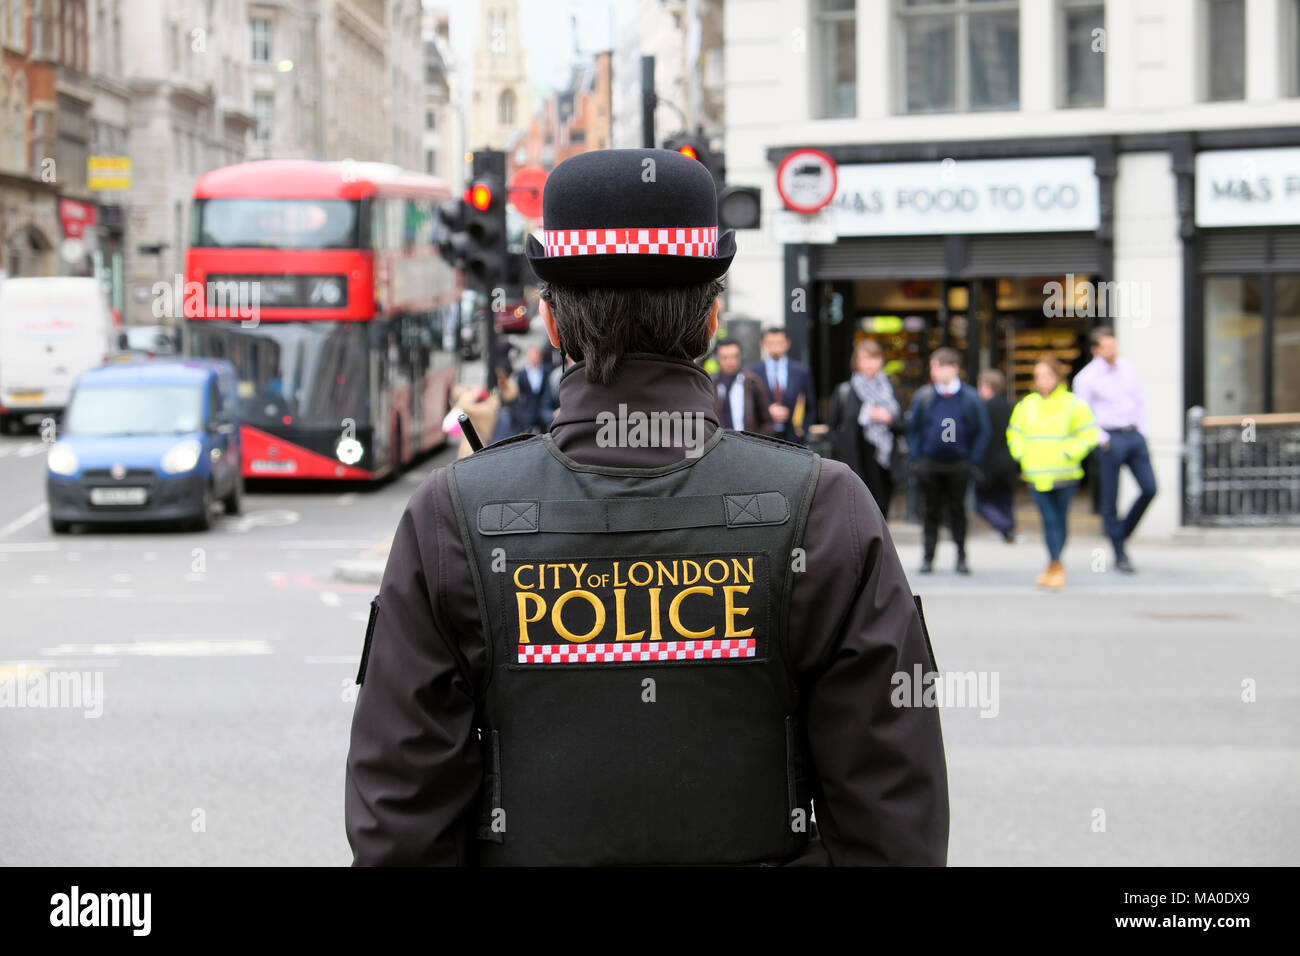 Ville de London Police logo sur l'arrière de la veste d'uniforme de police (police woman) dans la rue à Farringdon centre de Londres UK KATHY DEWITT Photo Stock